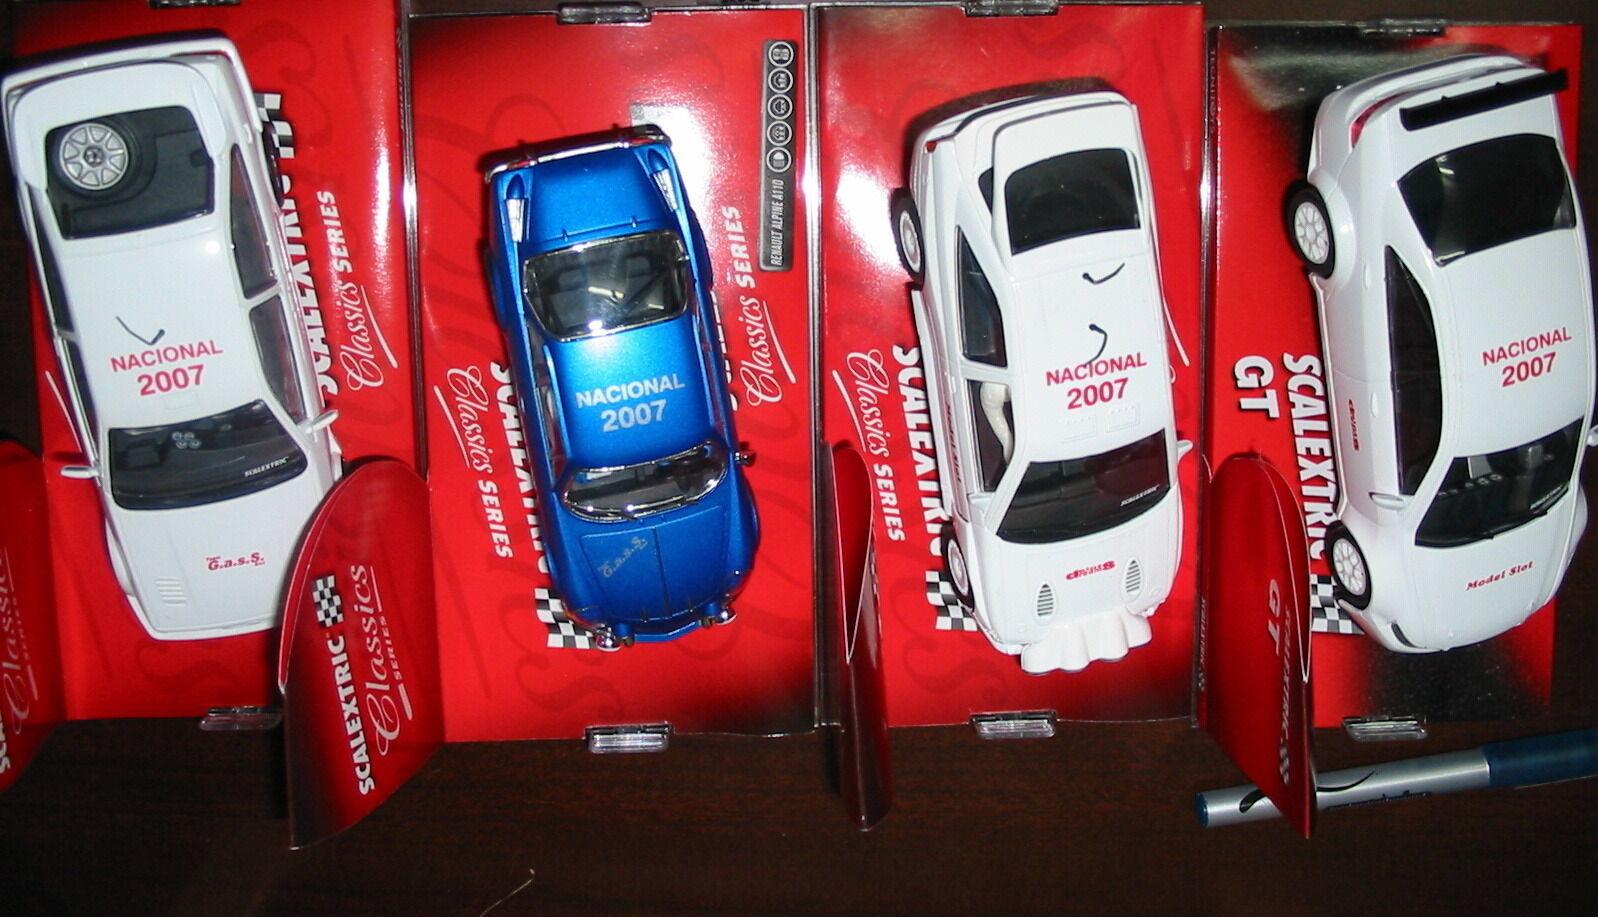 QQ Escort Sierra  Honda Alpine Nazionale 2007 1 24 Dream Slot modello G. , A. S.S  essere molto richiesto